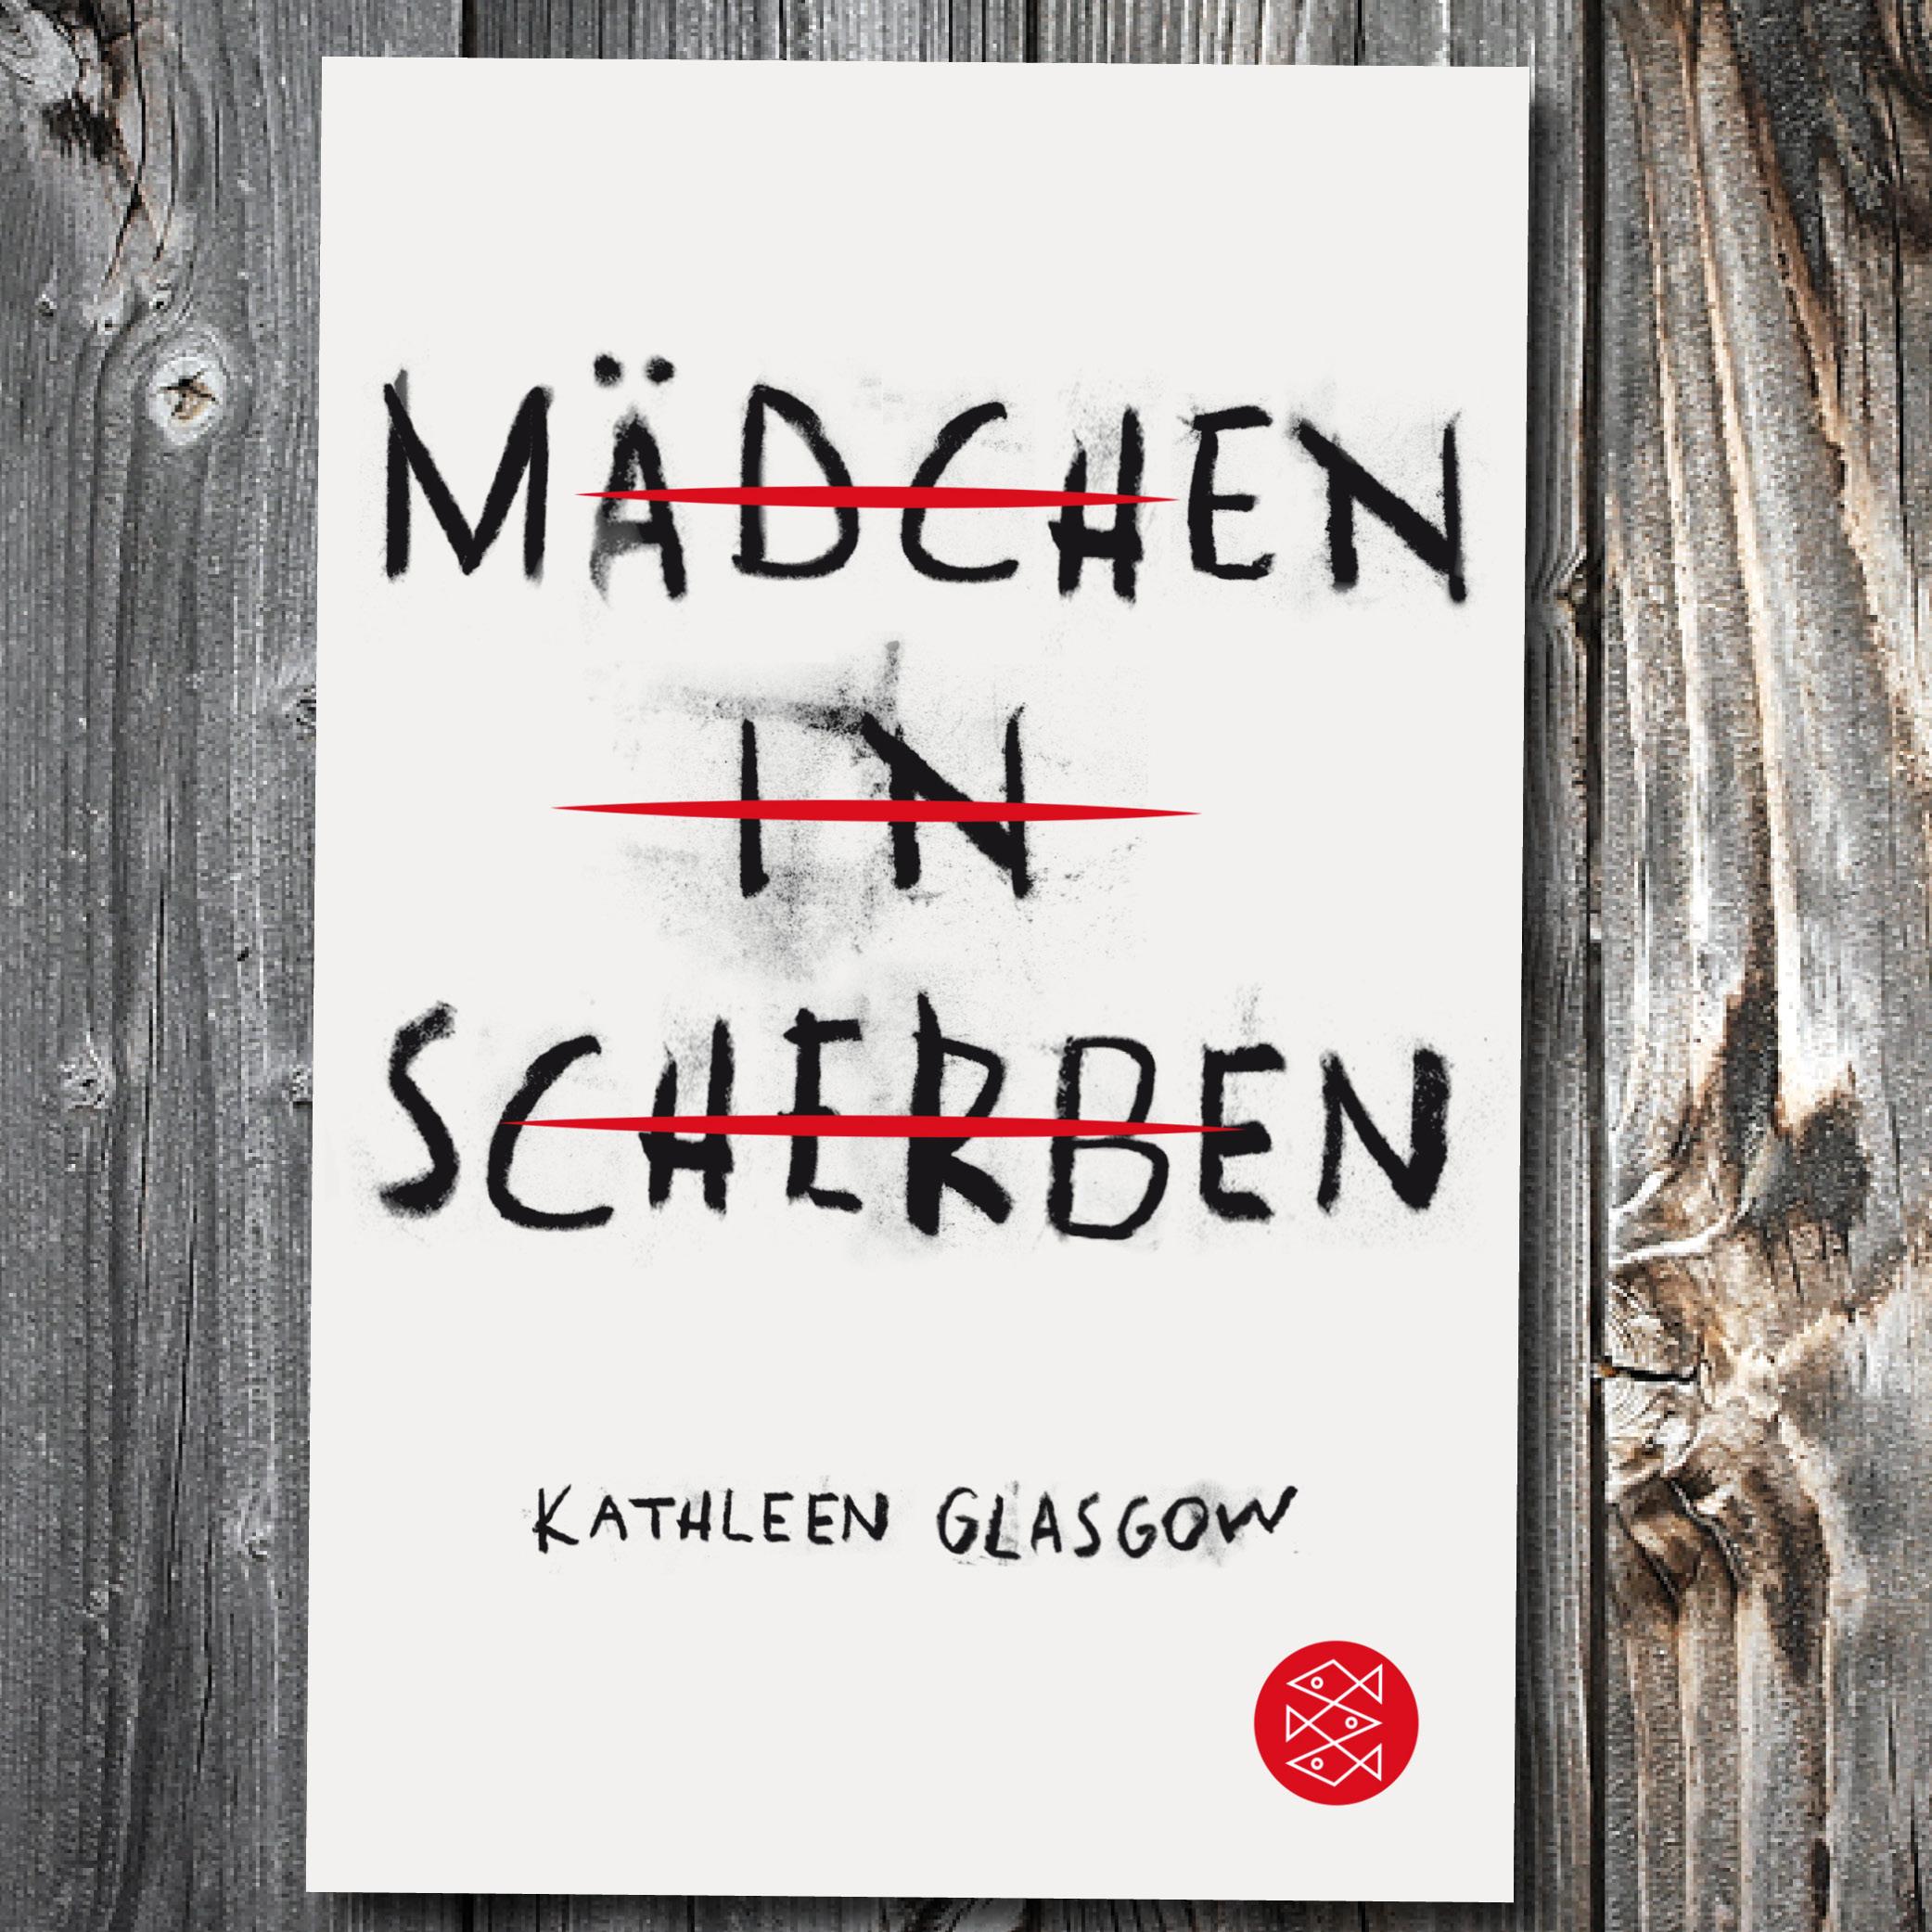 K. Glasgow X Mädchen in Scherben (Jugendbuch)